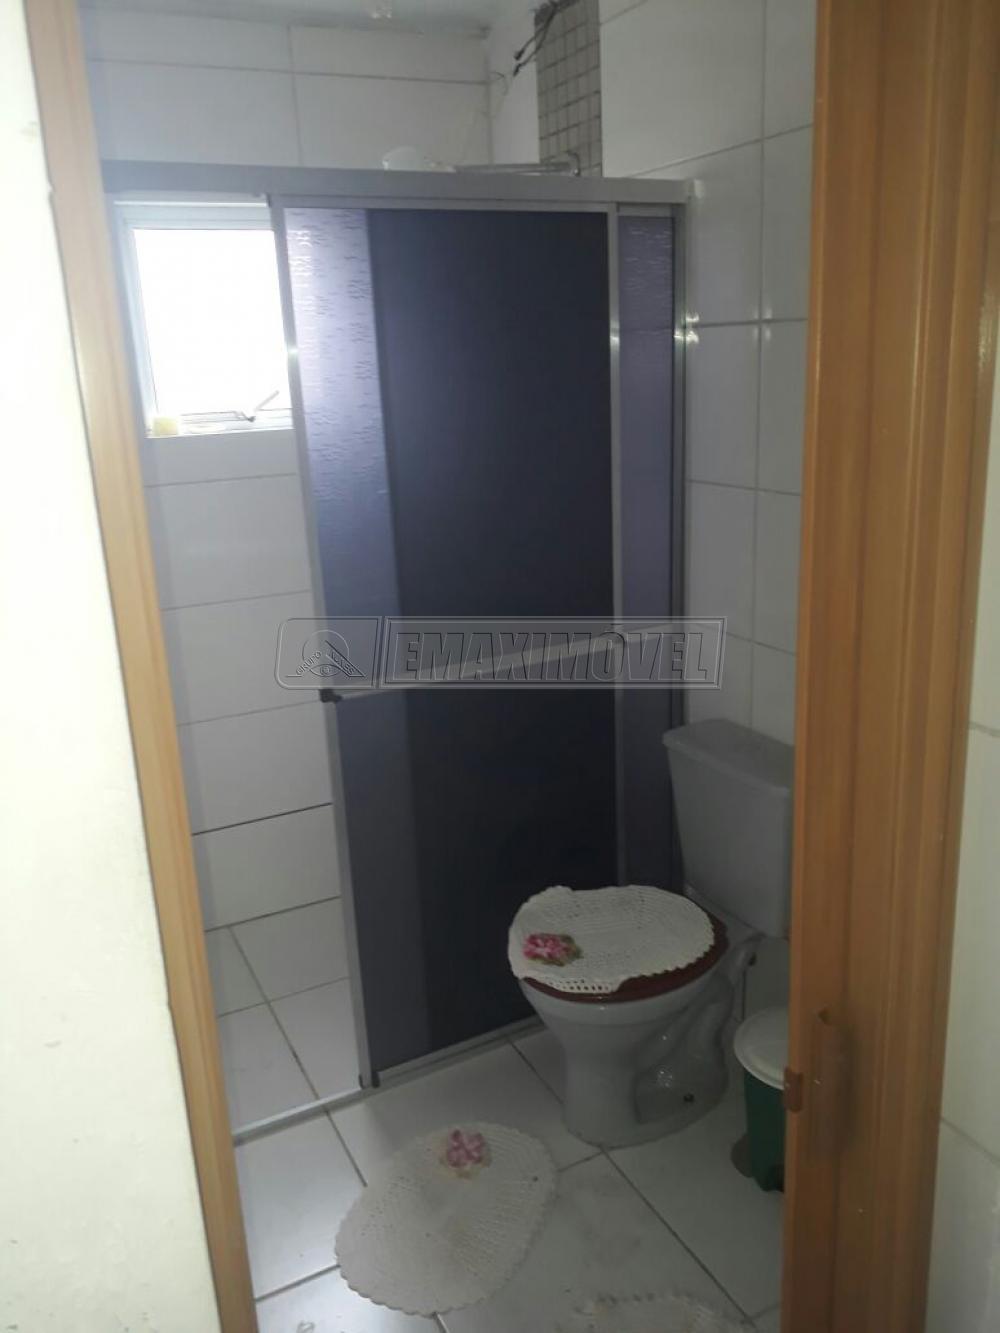 Comprar Casas / em Bairros em Votorantim apenas R$ 198.000,00 - Foto 6